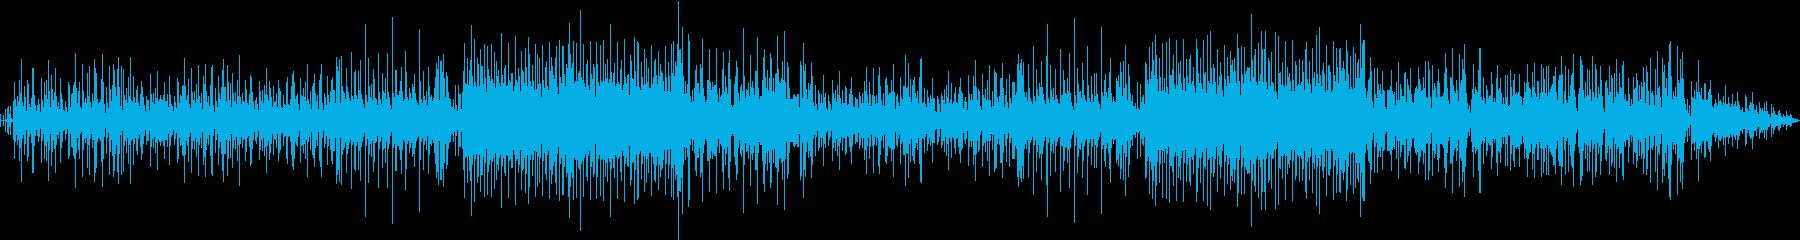 温かい気持ちになるスローポップスの再生済みの波形